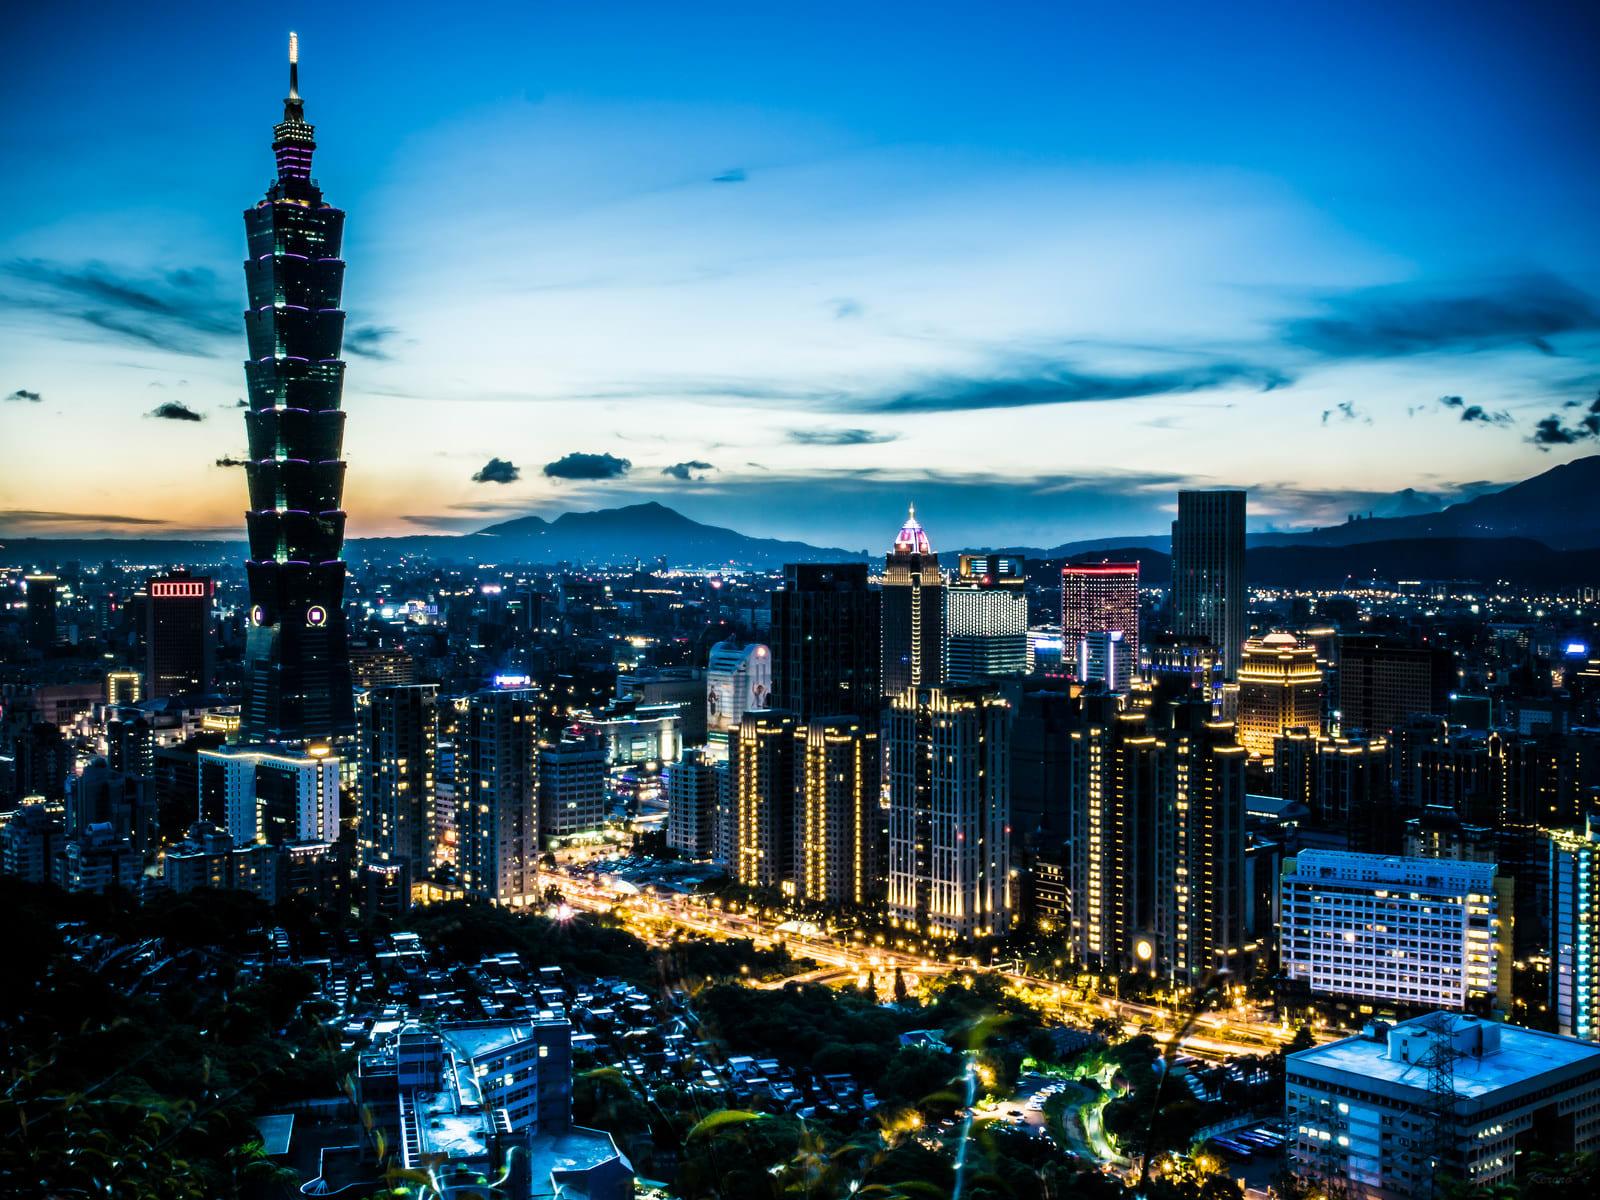 一 眼 望 穿 , 台 北 的 榮 景 Photo | flickr cc editor 中岑 范姜